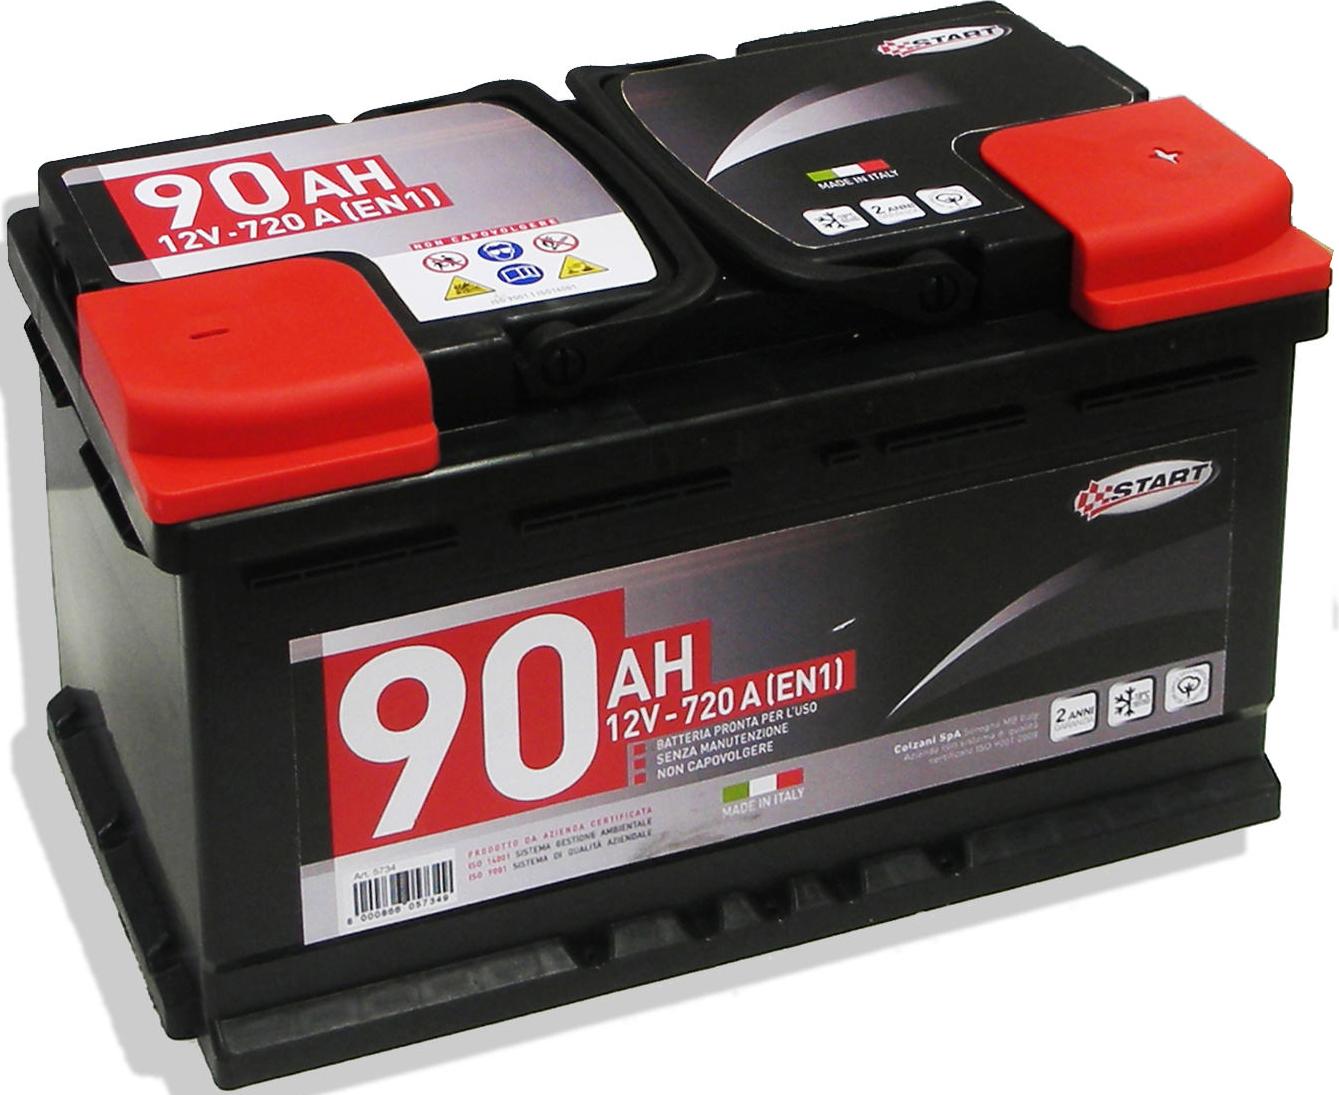 Batteria Auto 90AH 12V 720A polo positivo destro Cassetta L4 START